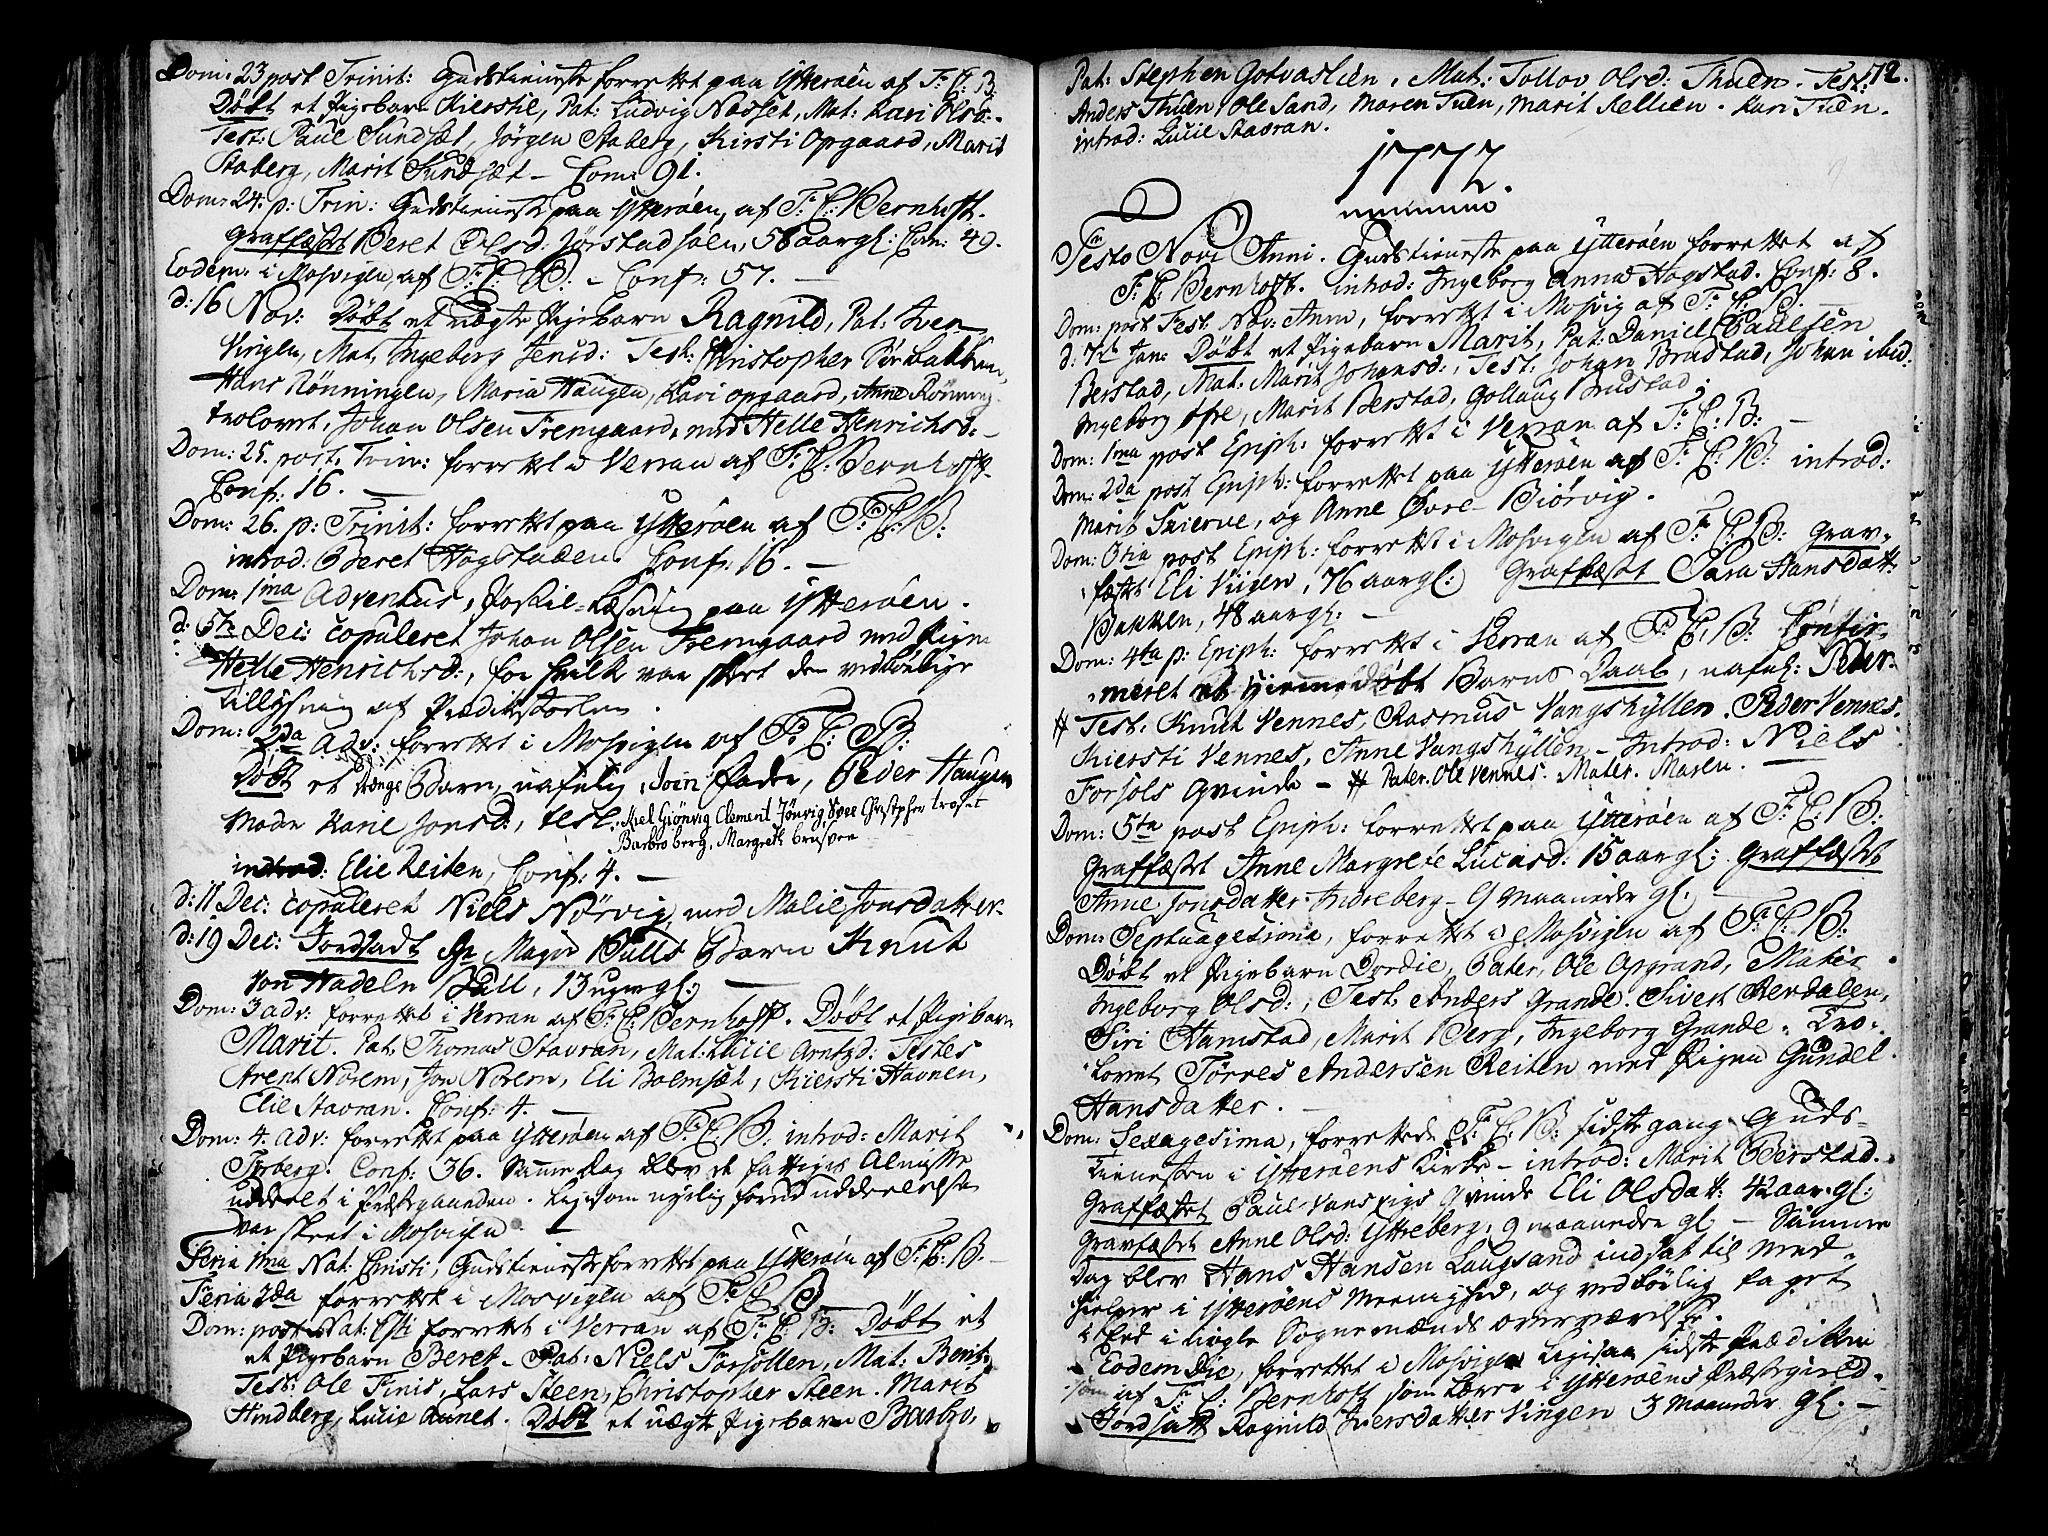 SAT, Ministerialprotokoller, klokkerbøker og fødselsregistre - Nord-Trøndelag, 722/L0216: Ministerialbok nr. 722A03, 1756-1816, s. 72